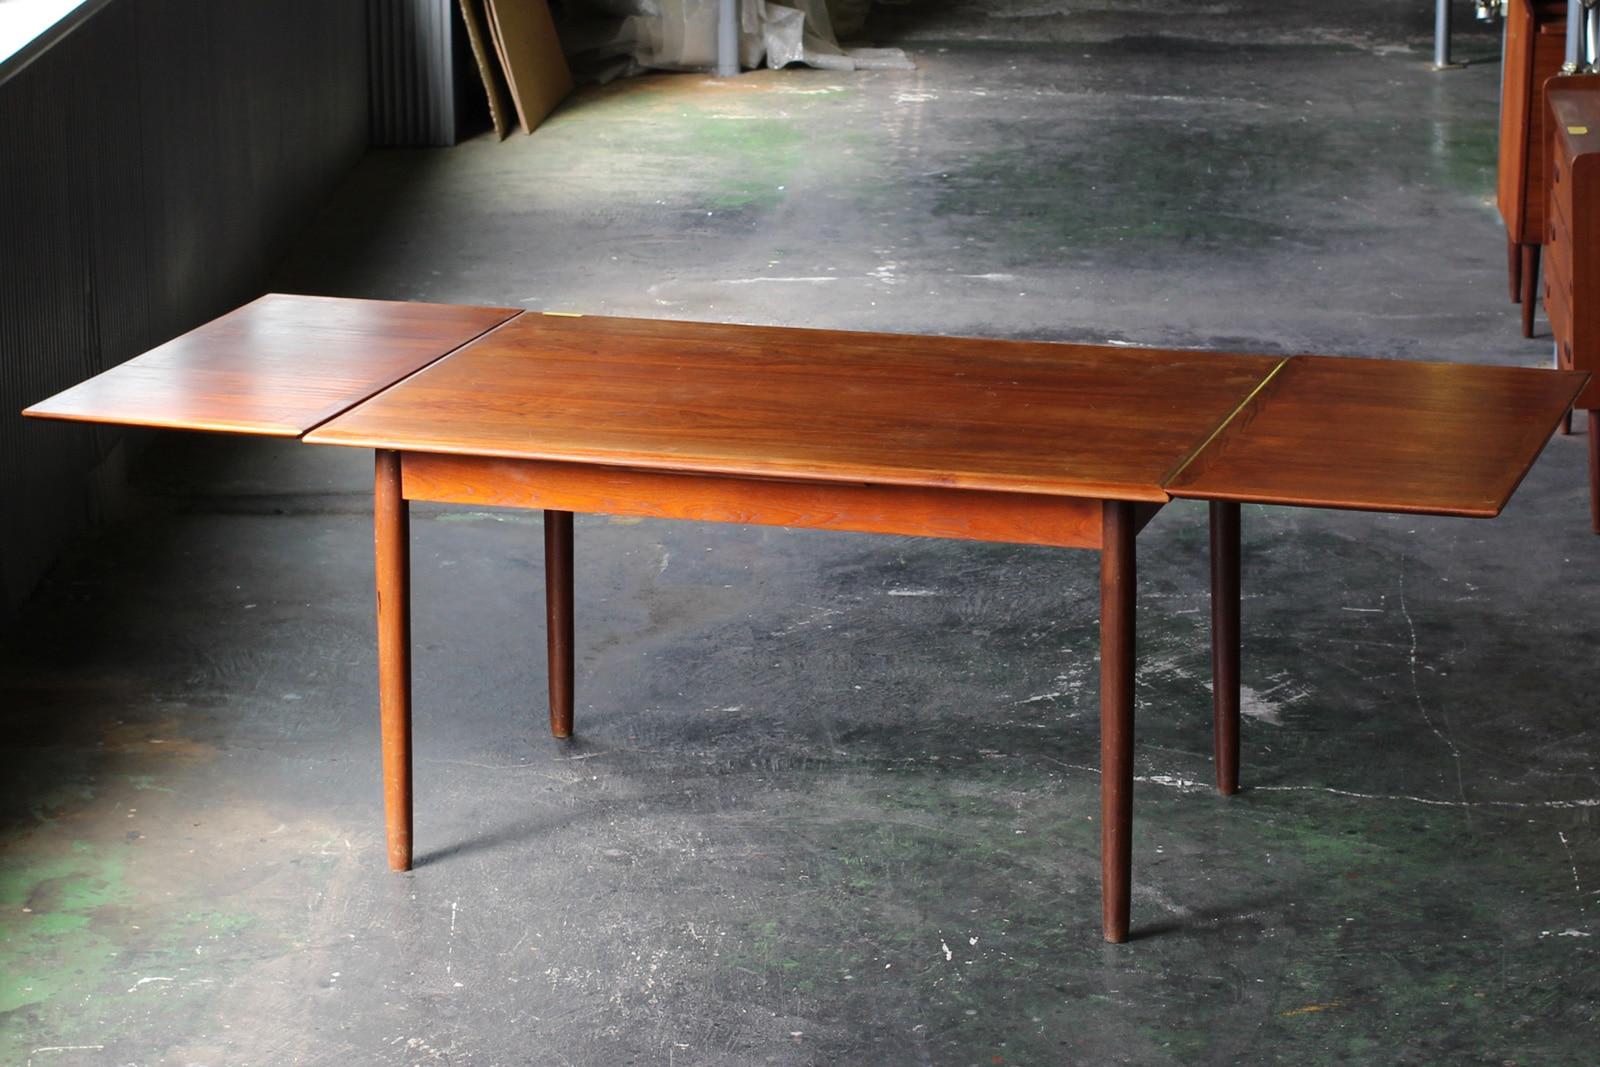 ヴィンテージ,北欧,家具,デンマーク,ダイニングテーブル,幅135cm